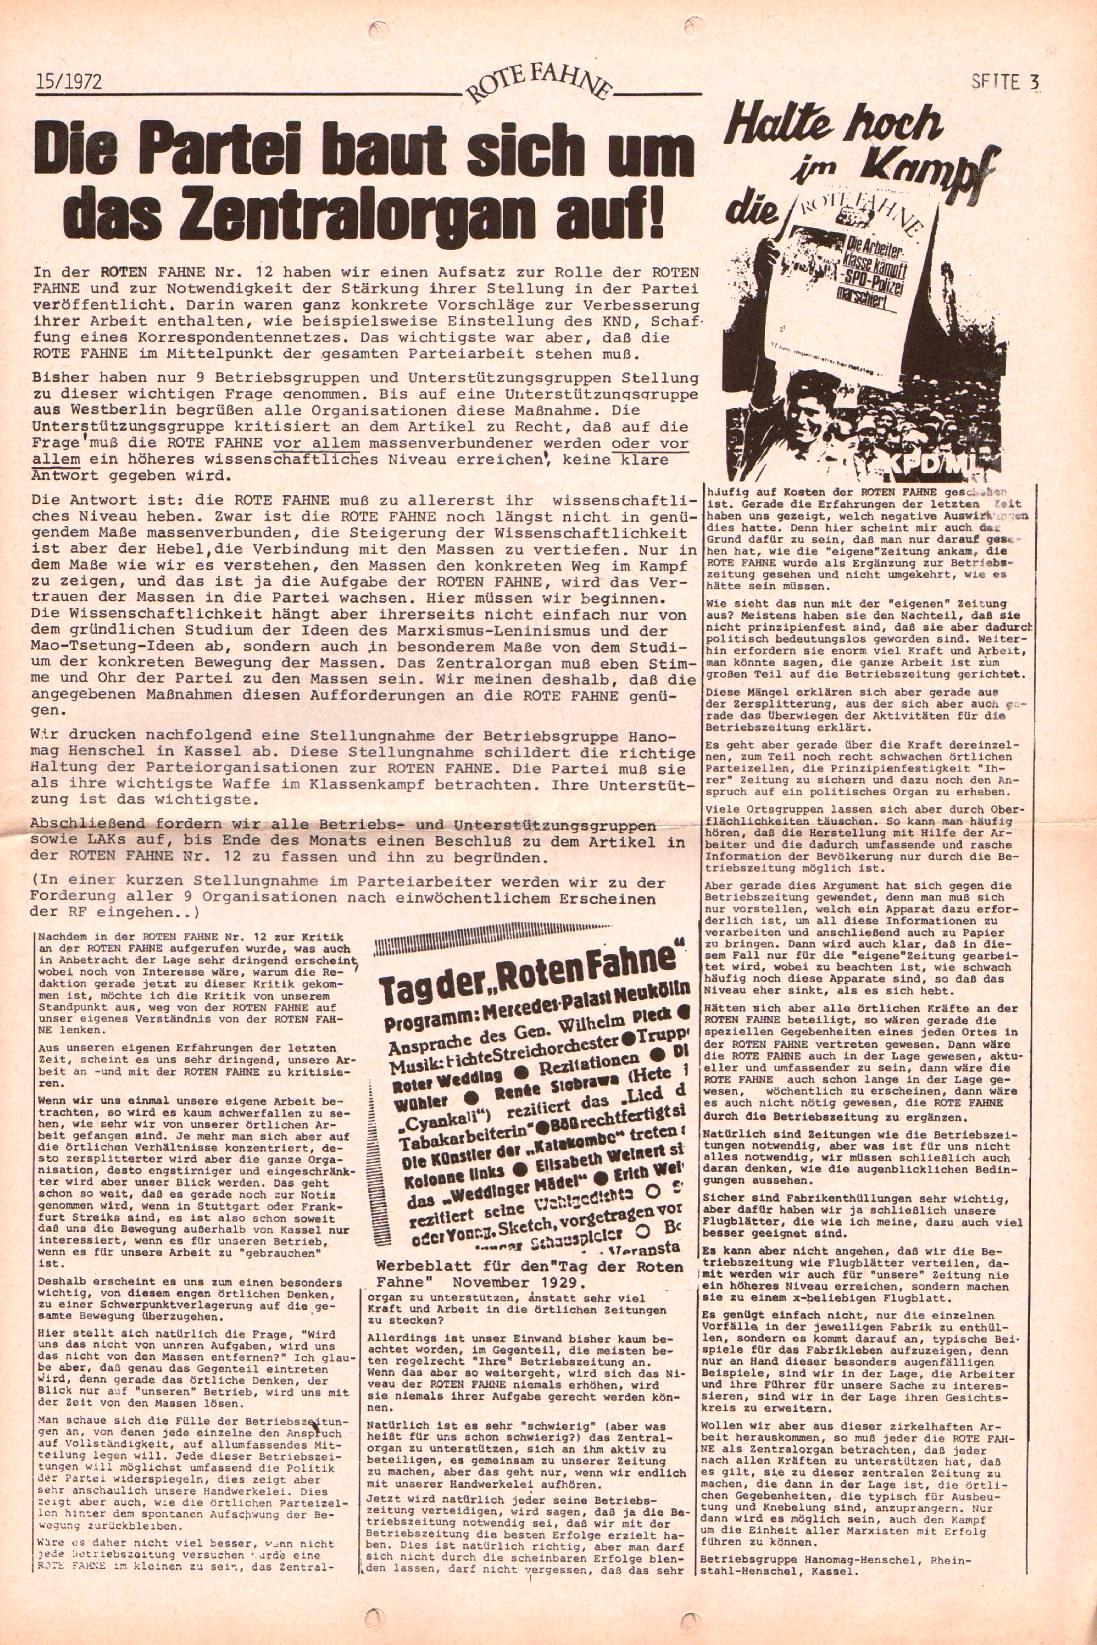 Rote Fahne, 3. Jg., 24.7.1972, Nr. 15, Seite 3